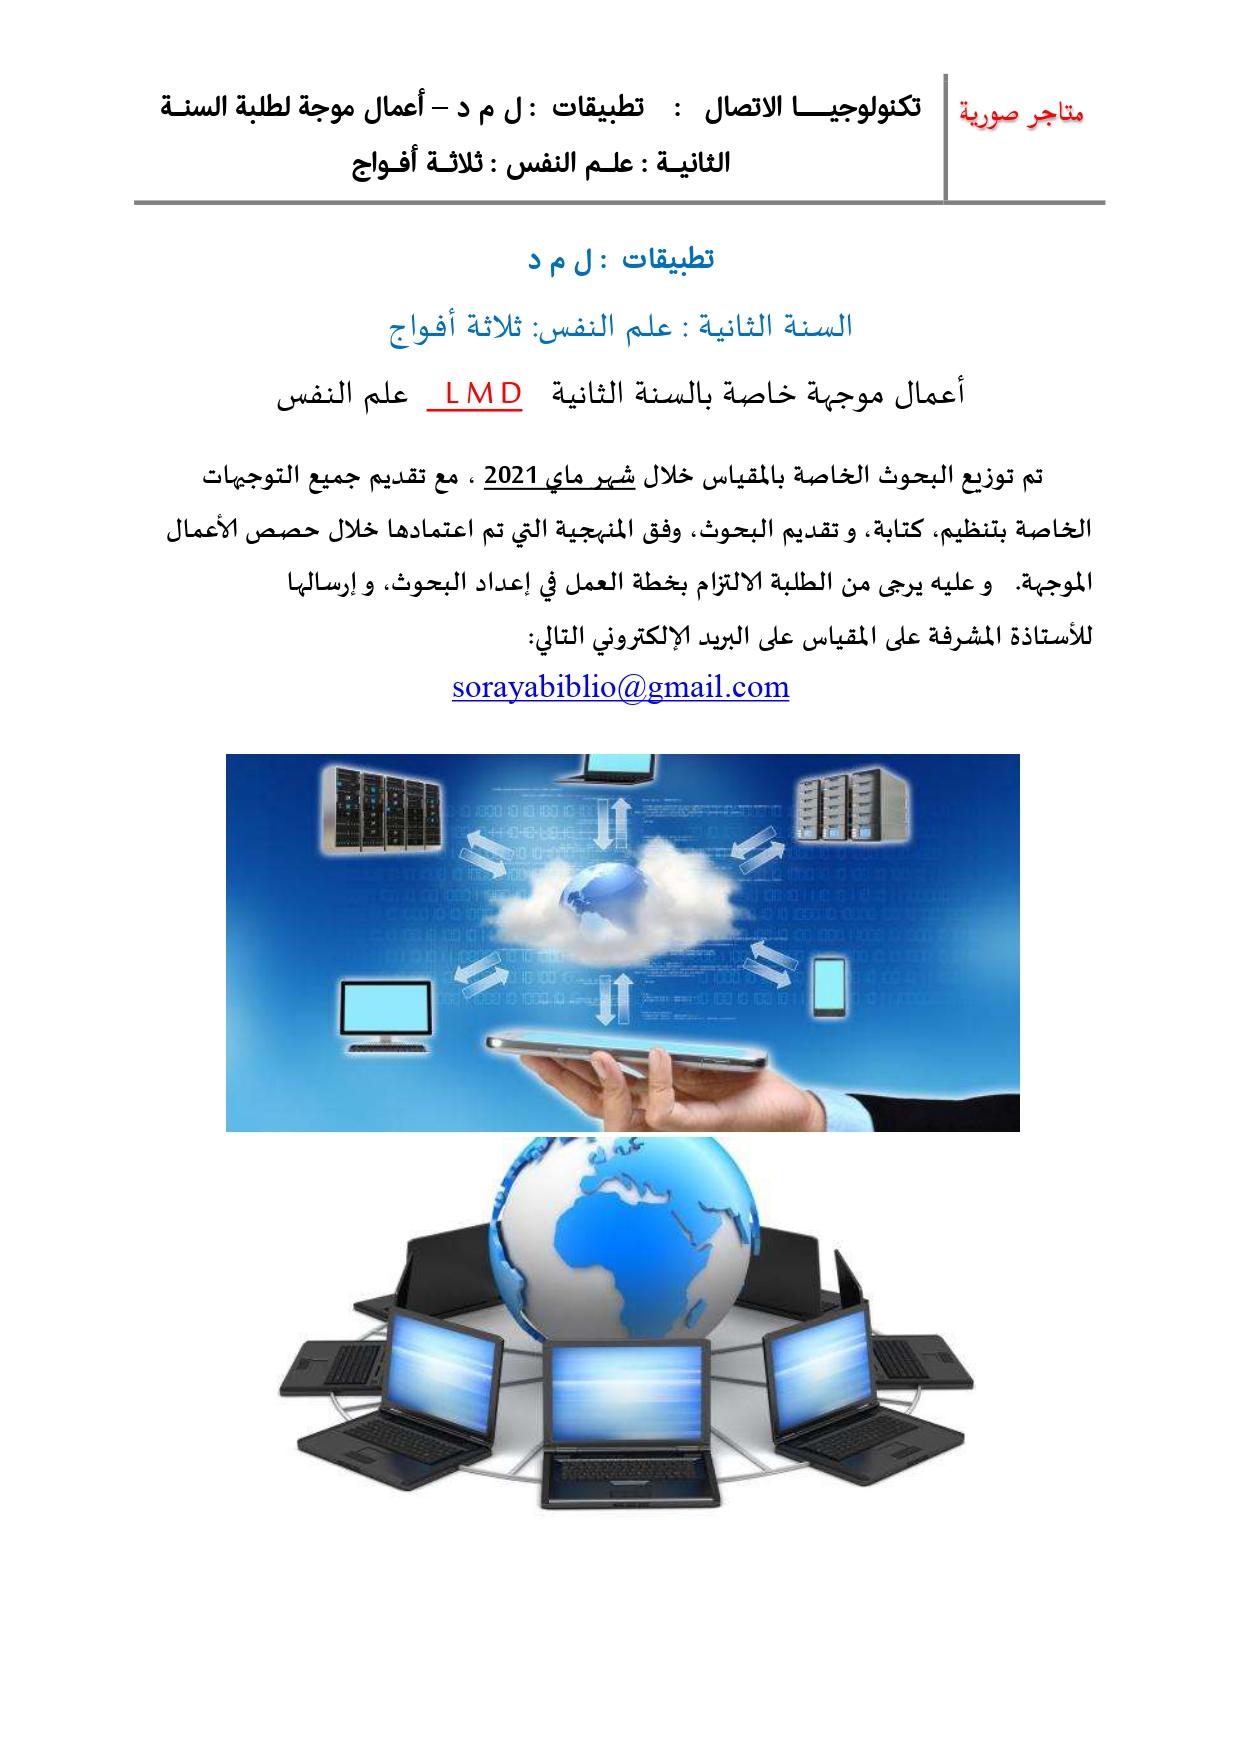 تطبيقـات تكنولوجيـــا الاتصال و إعلام التوثيق